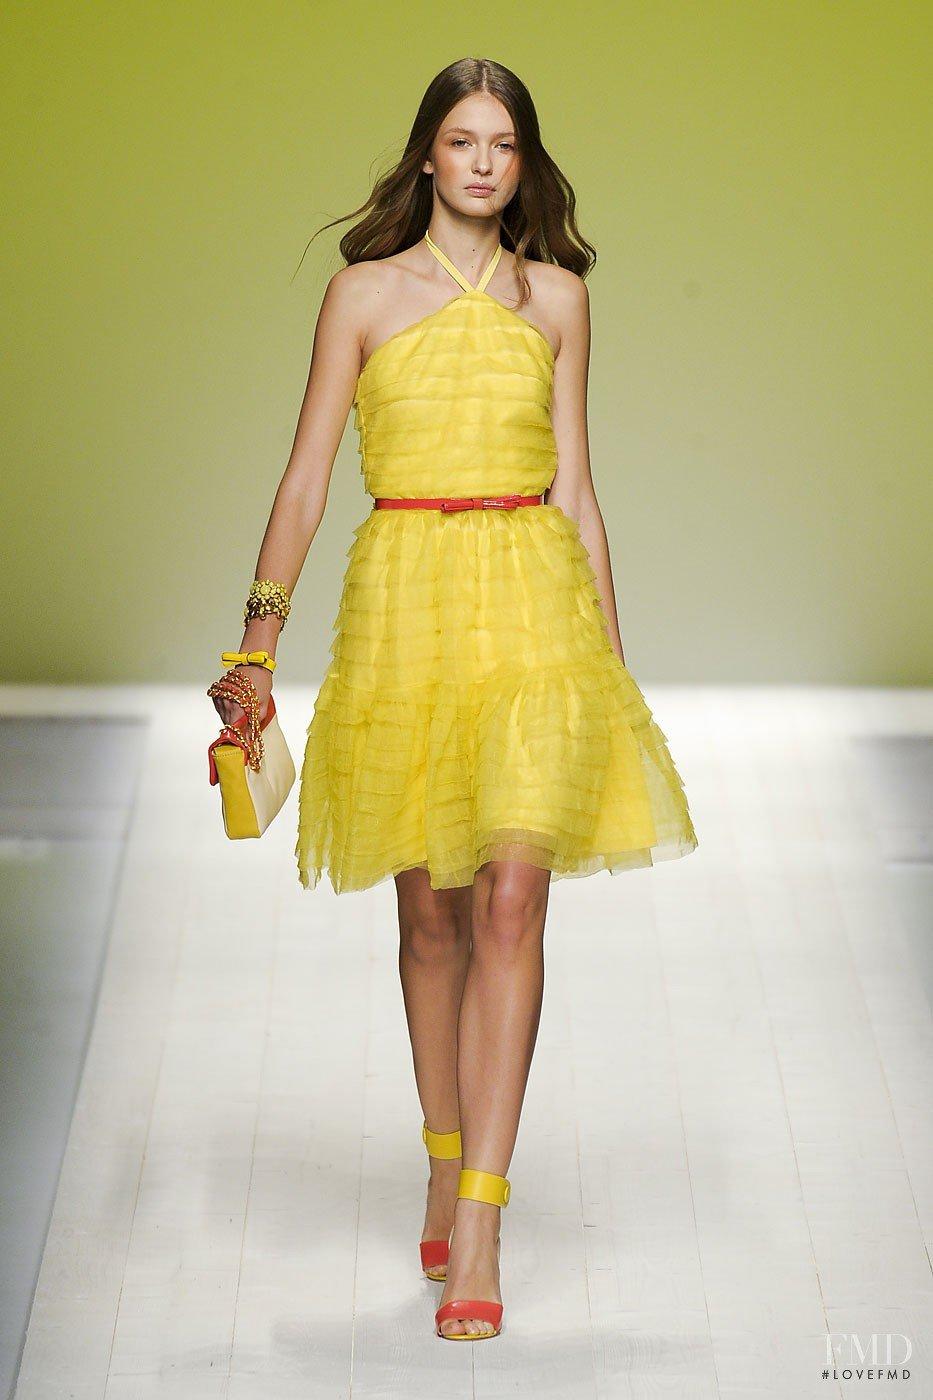 желтые платья как можно носить фото музыки здесь преобладает